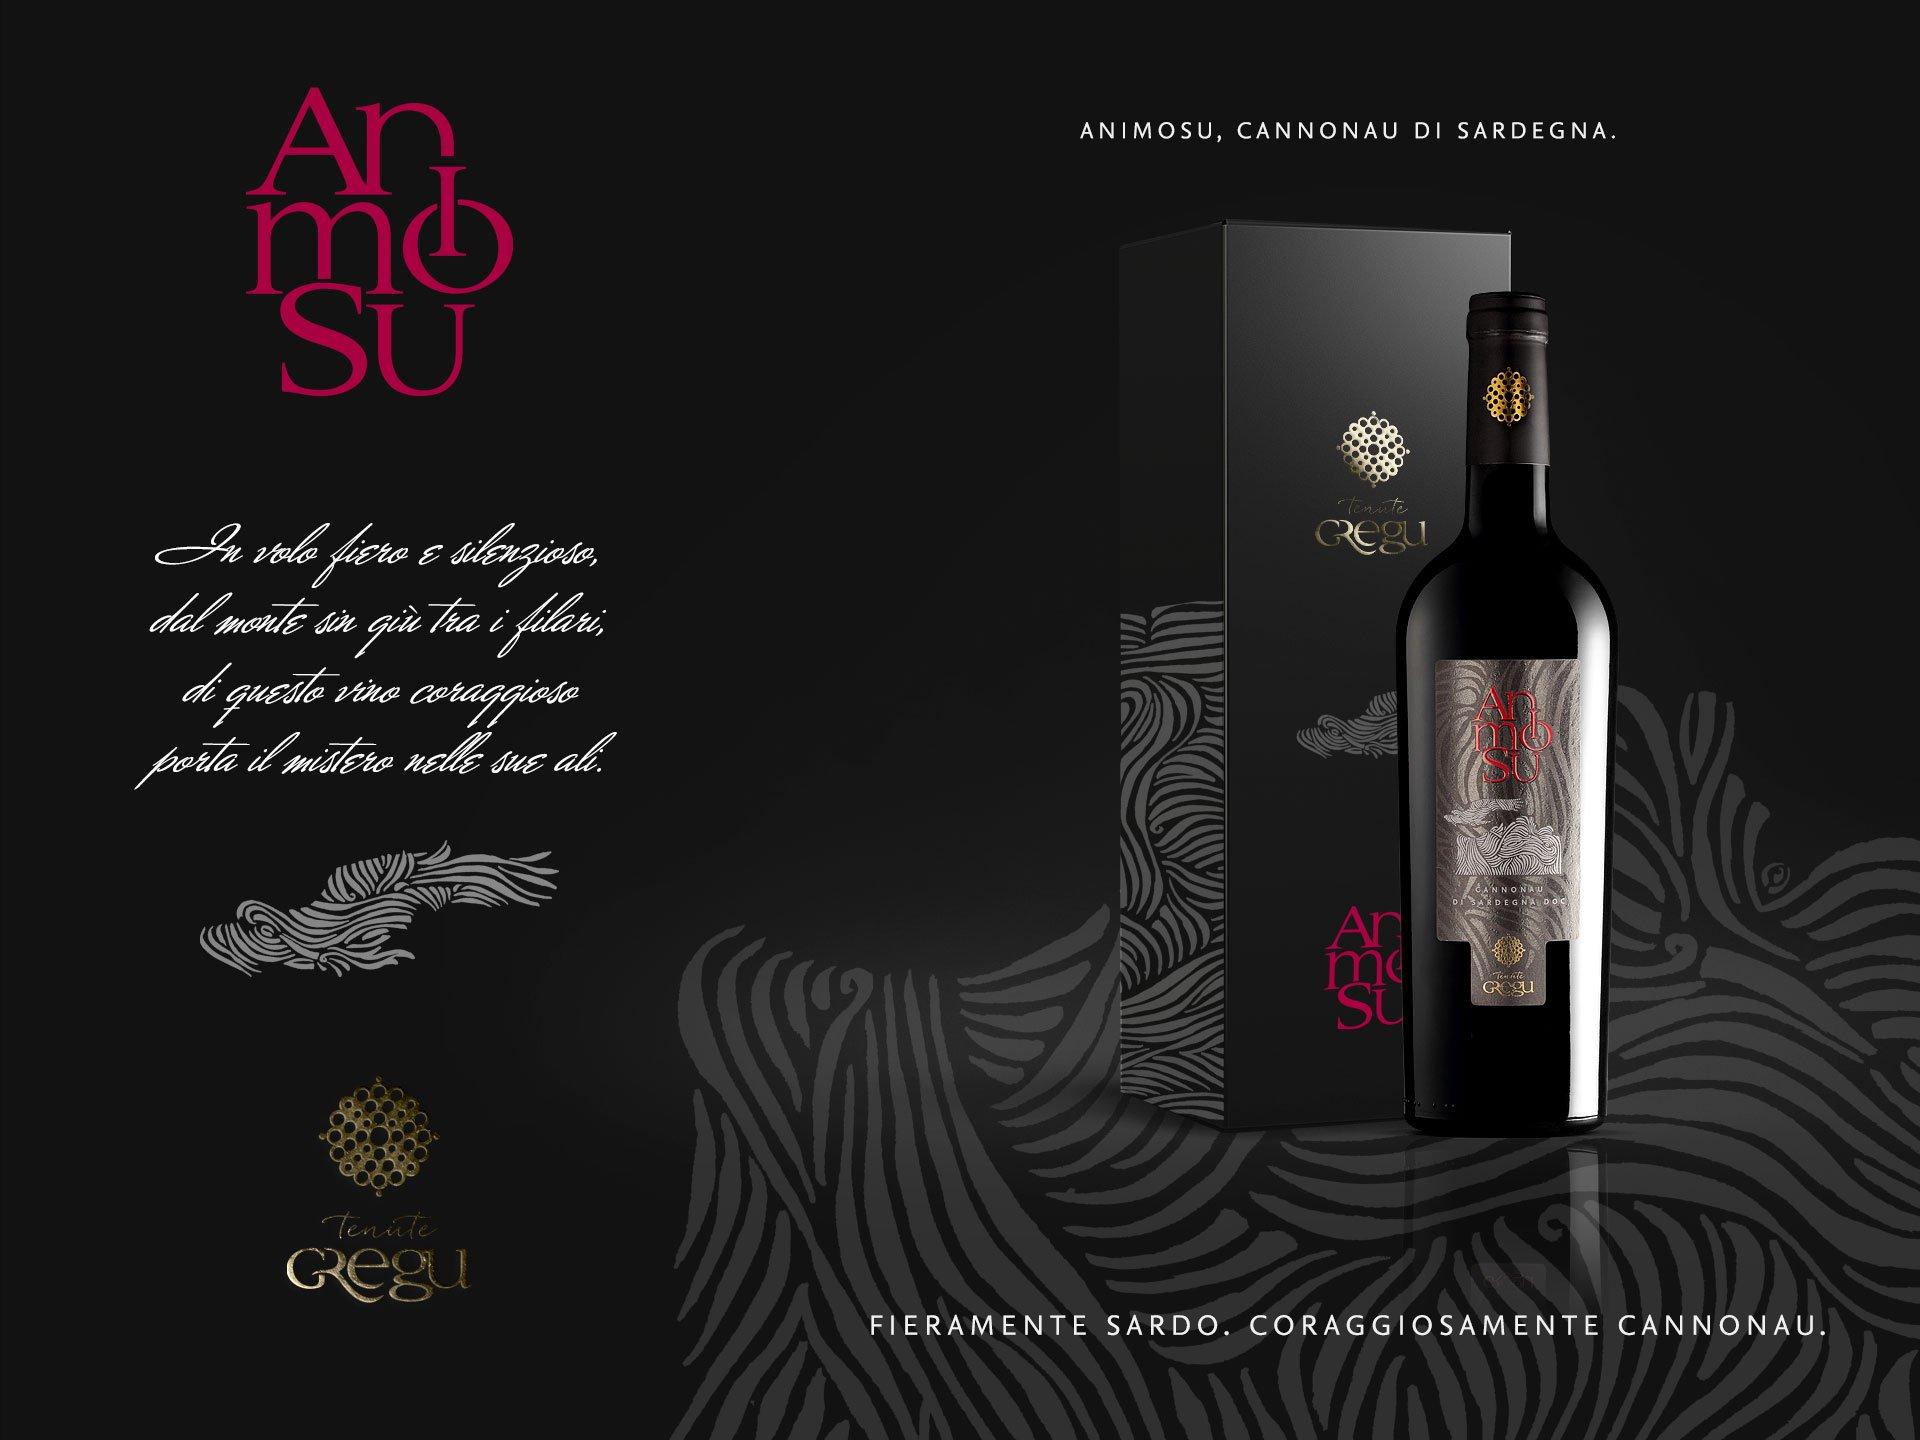 Packaging design vino Animosu - Tenute Gregu